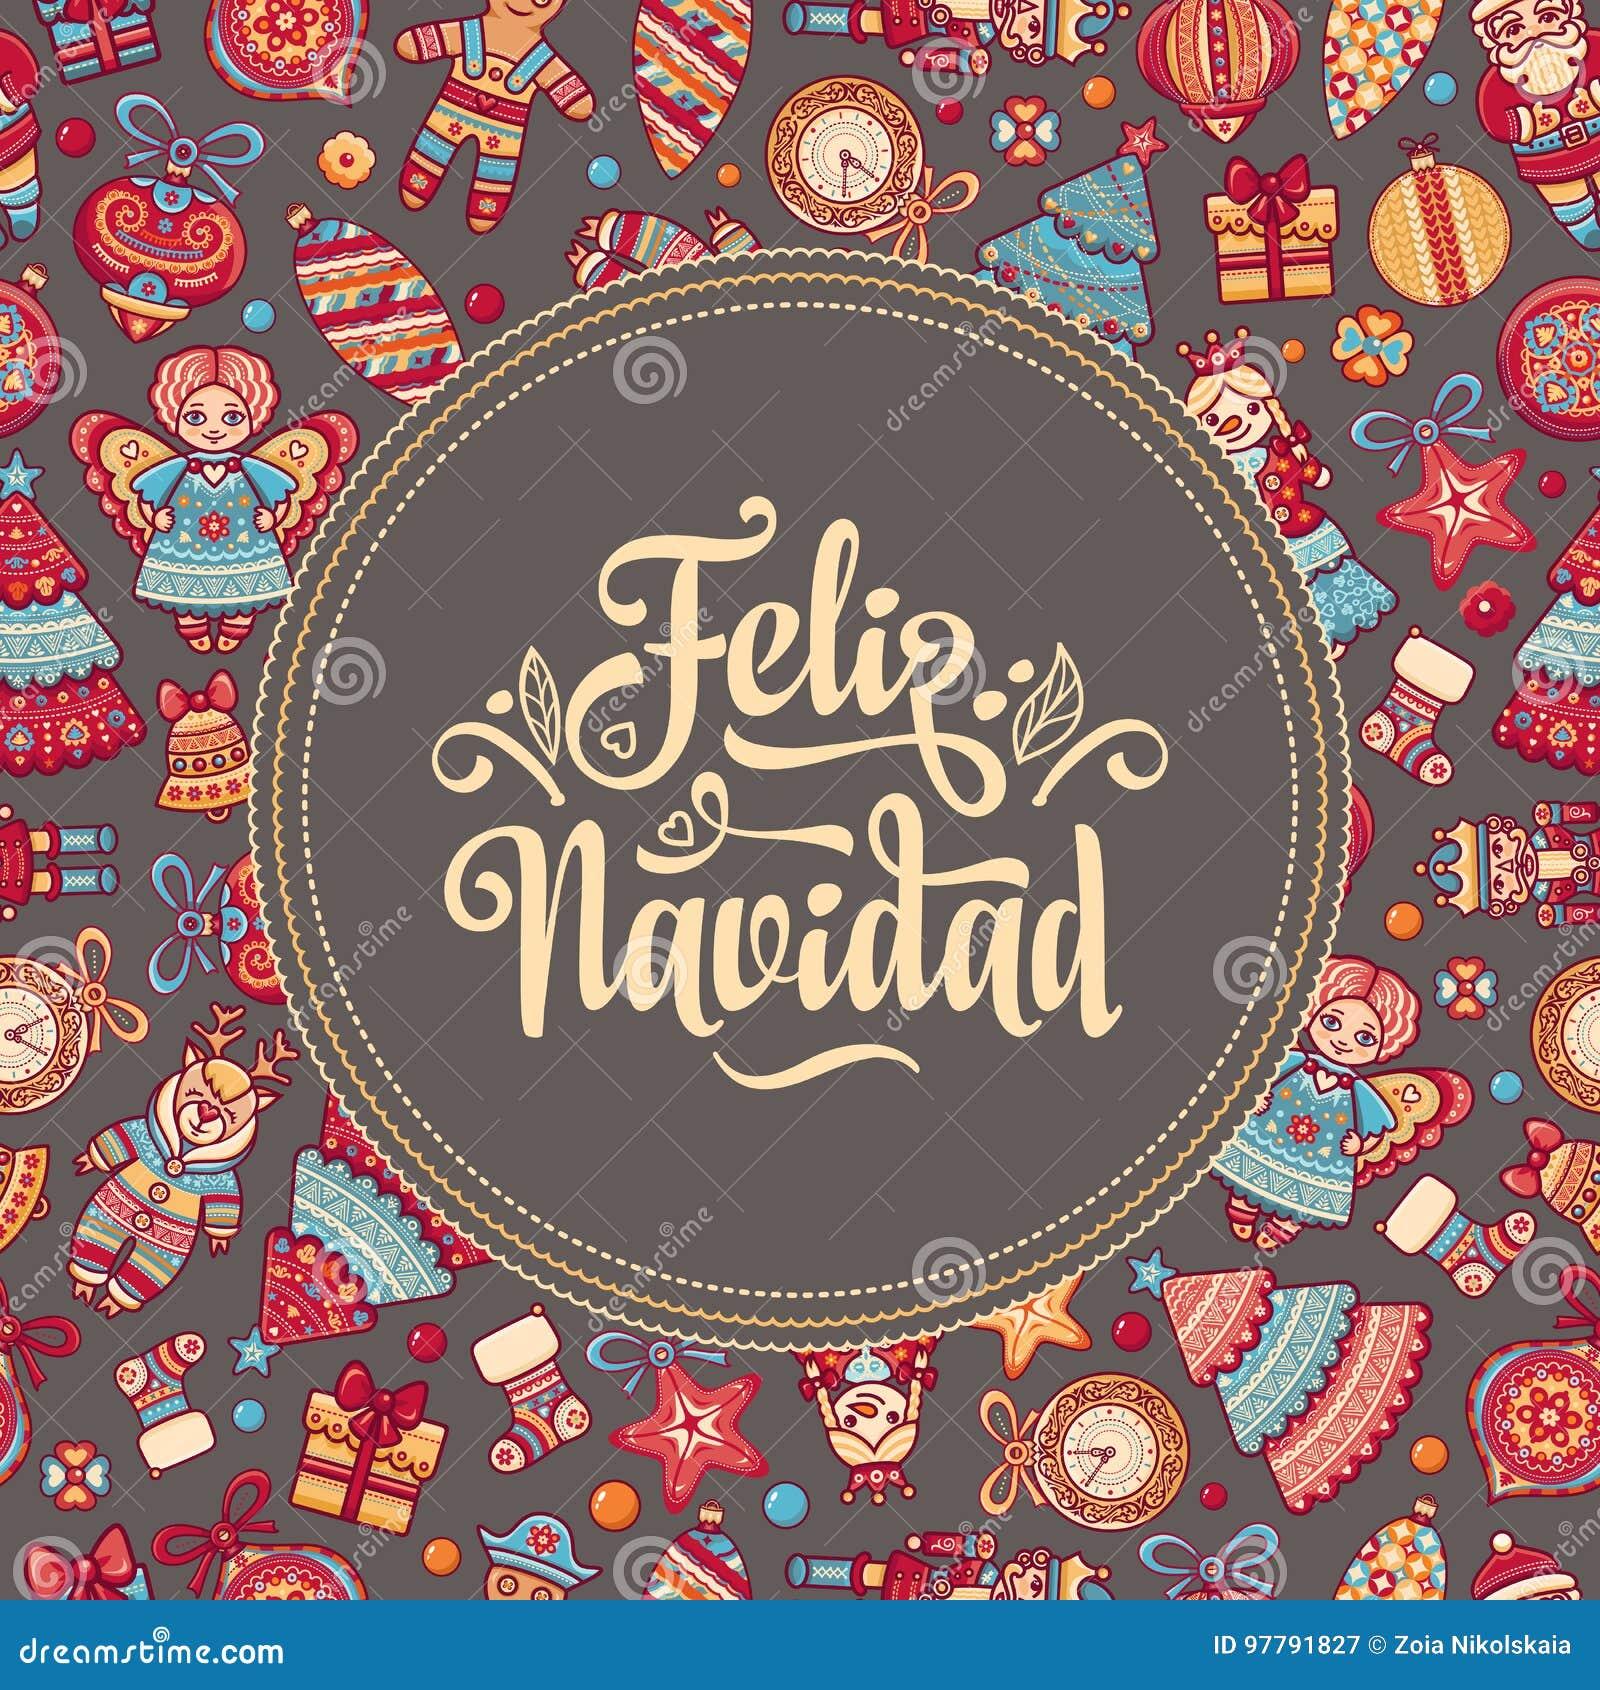 наших залах открытка из испании на английском состоит довольно